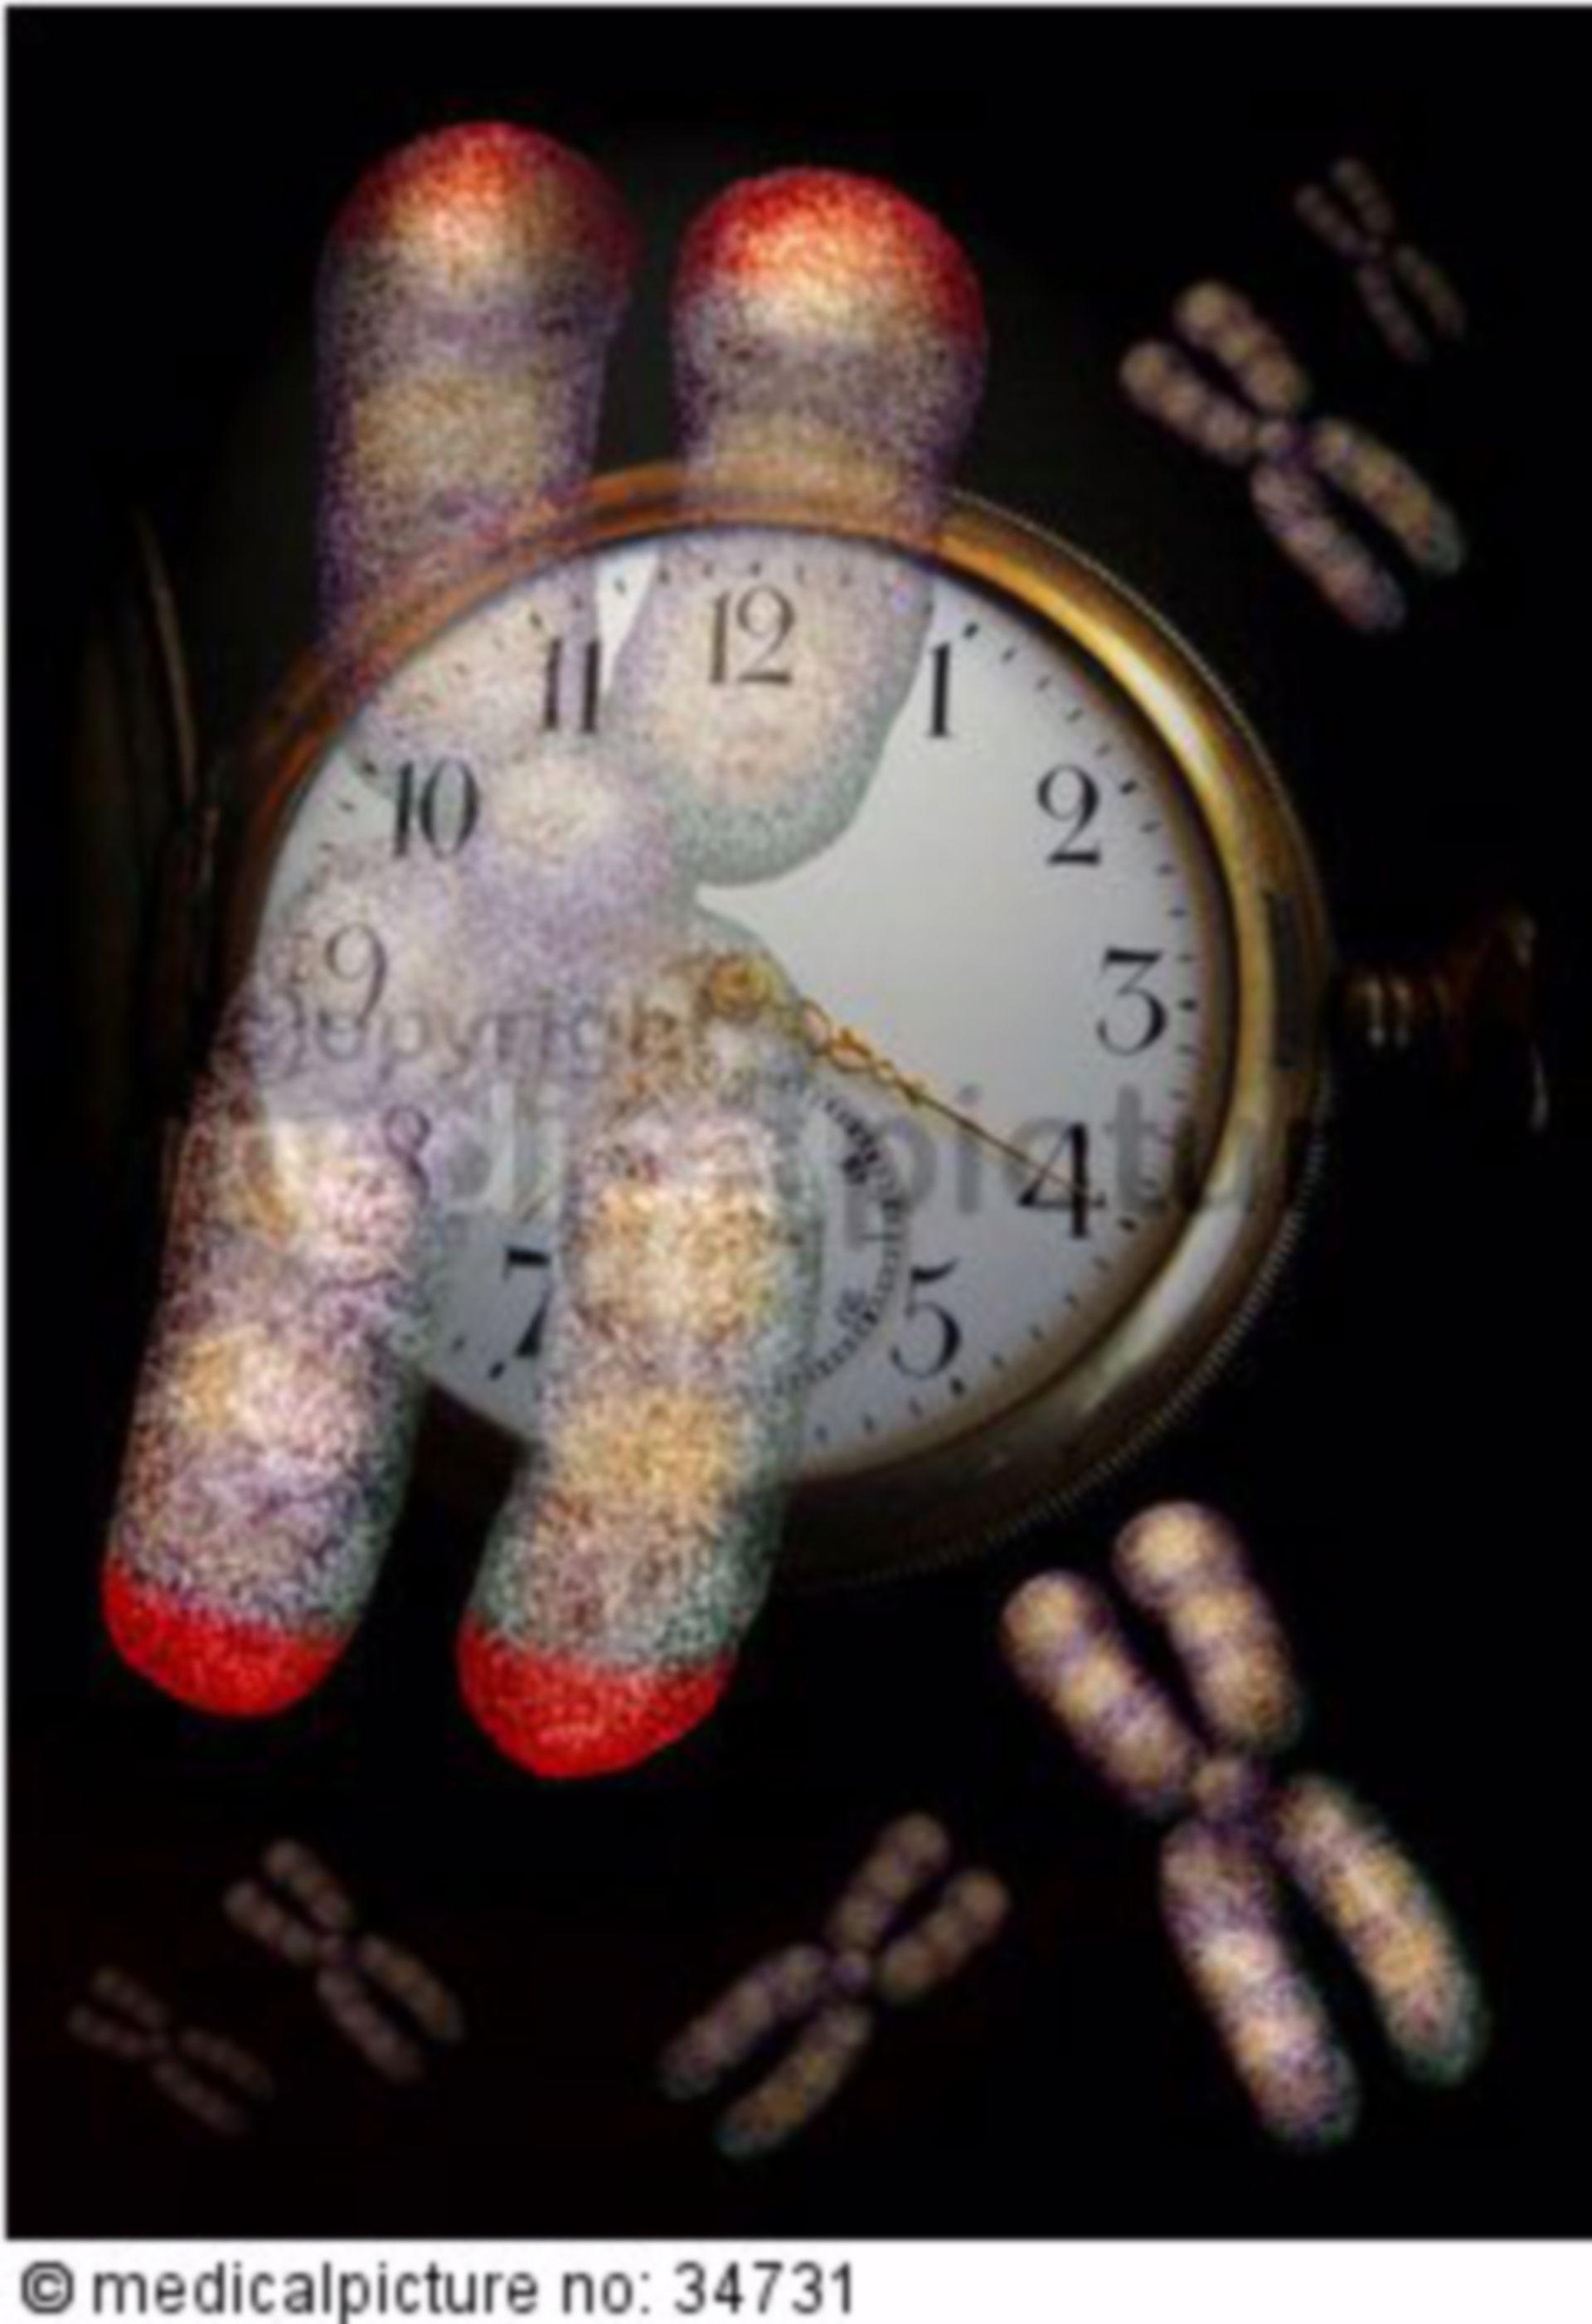 Chromosom mit Uhr im Hintergrund